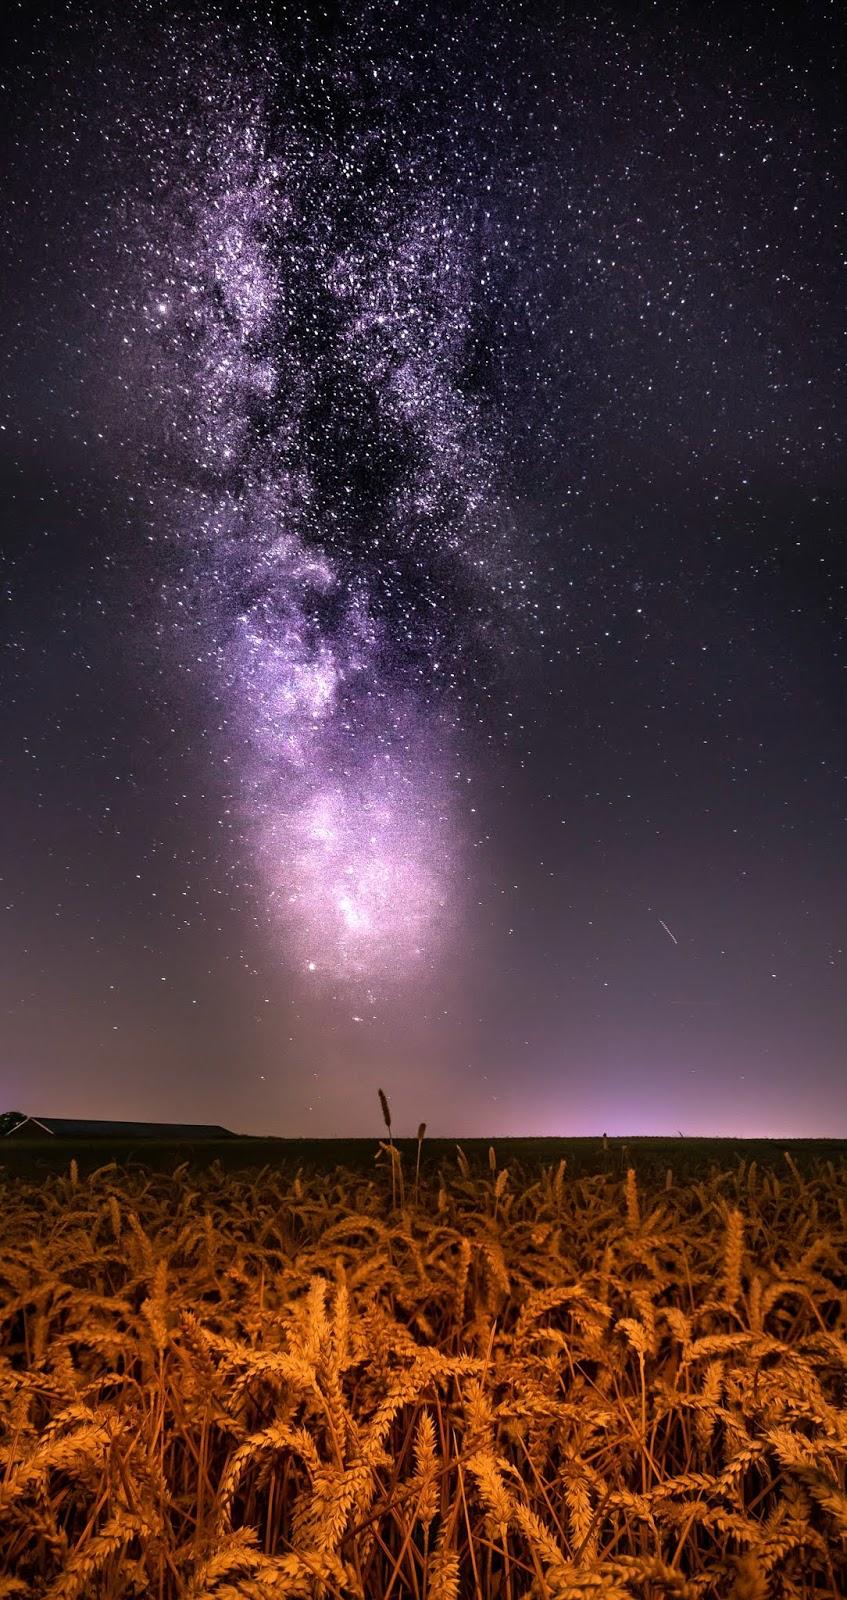 Dãy ngân hà giữa cánh đồng đêm